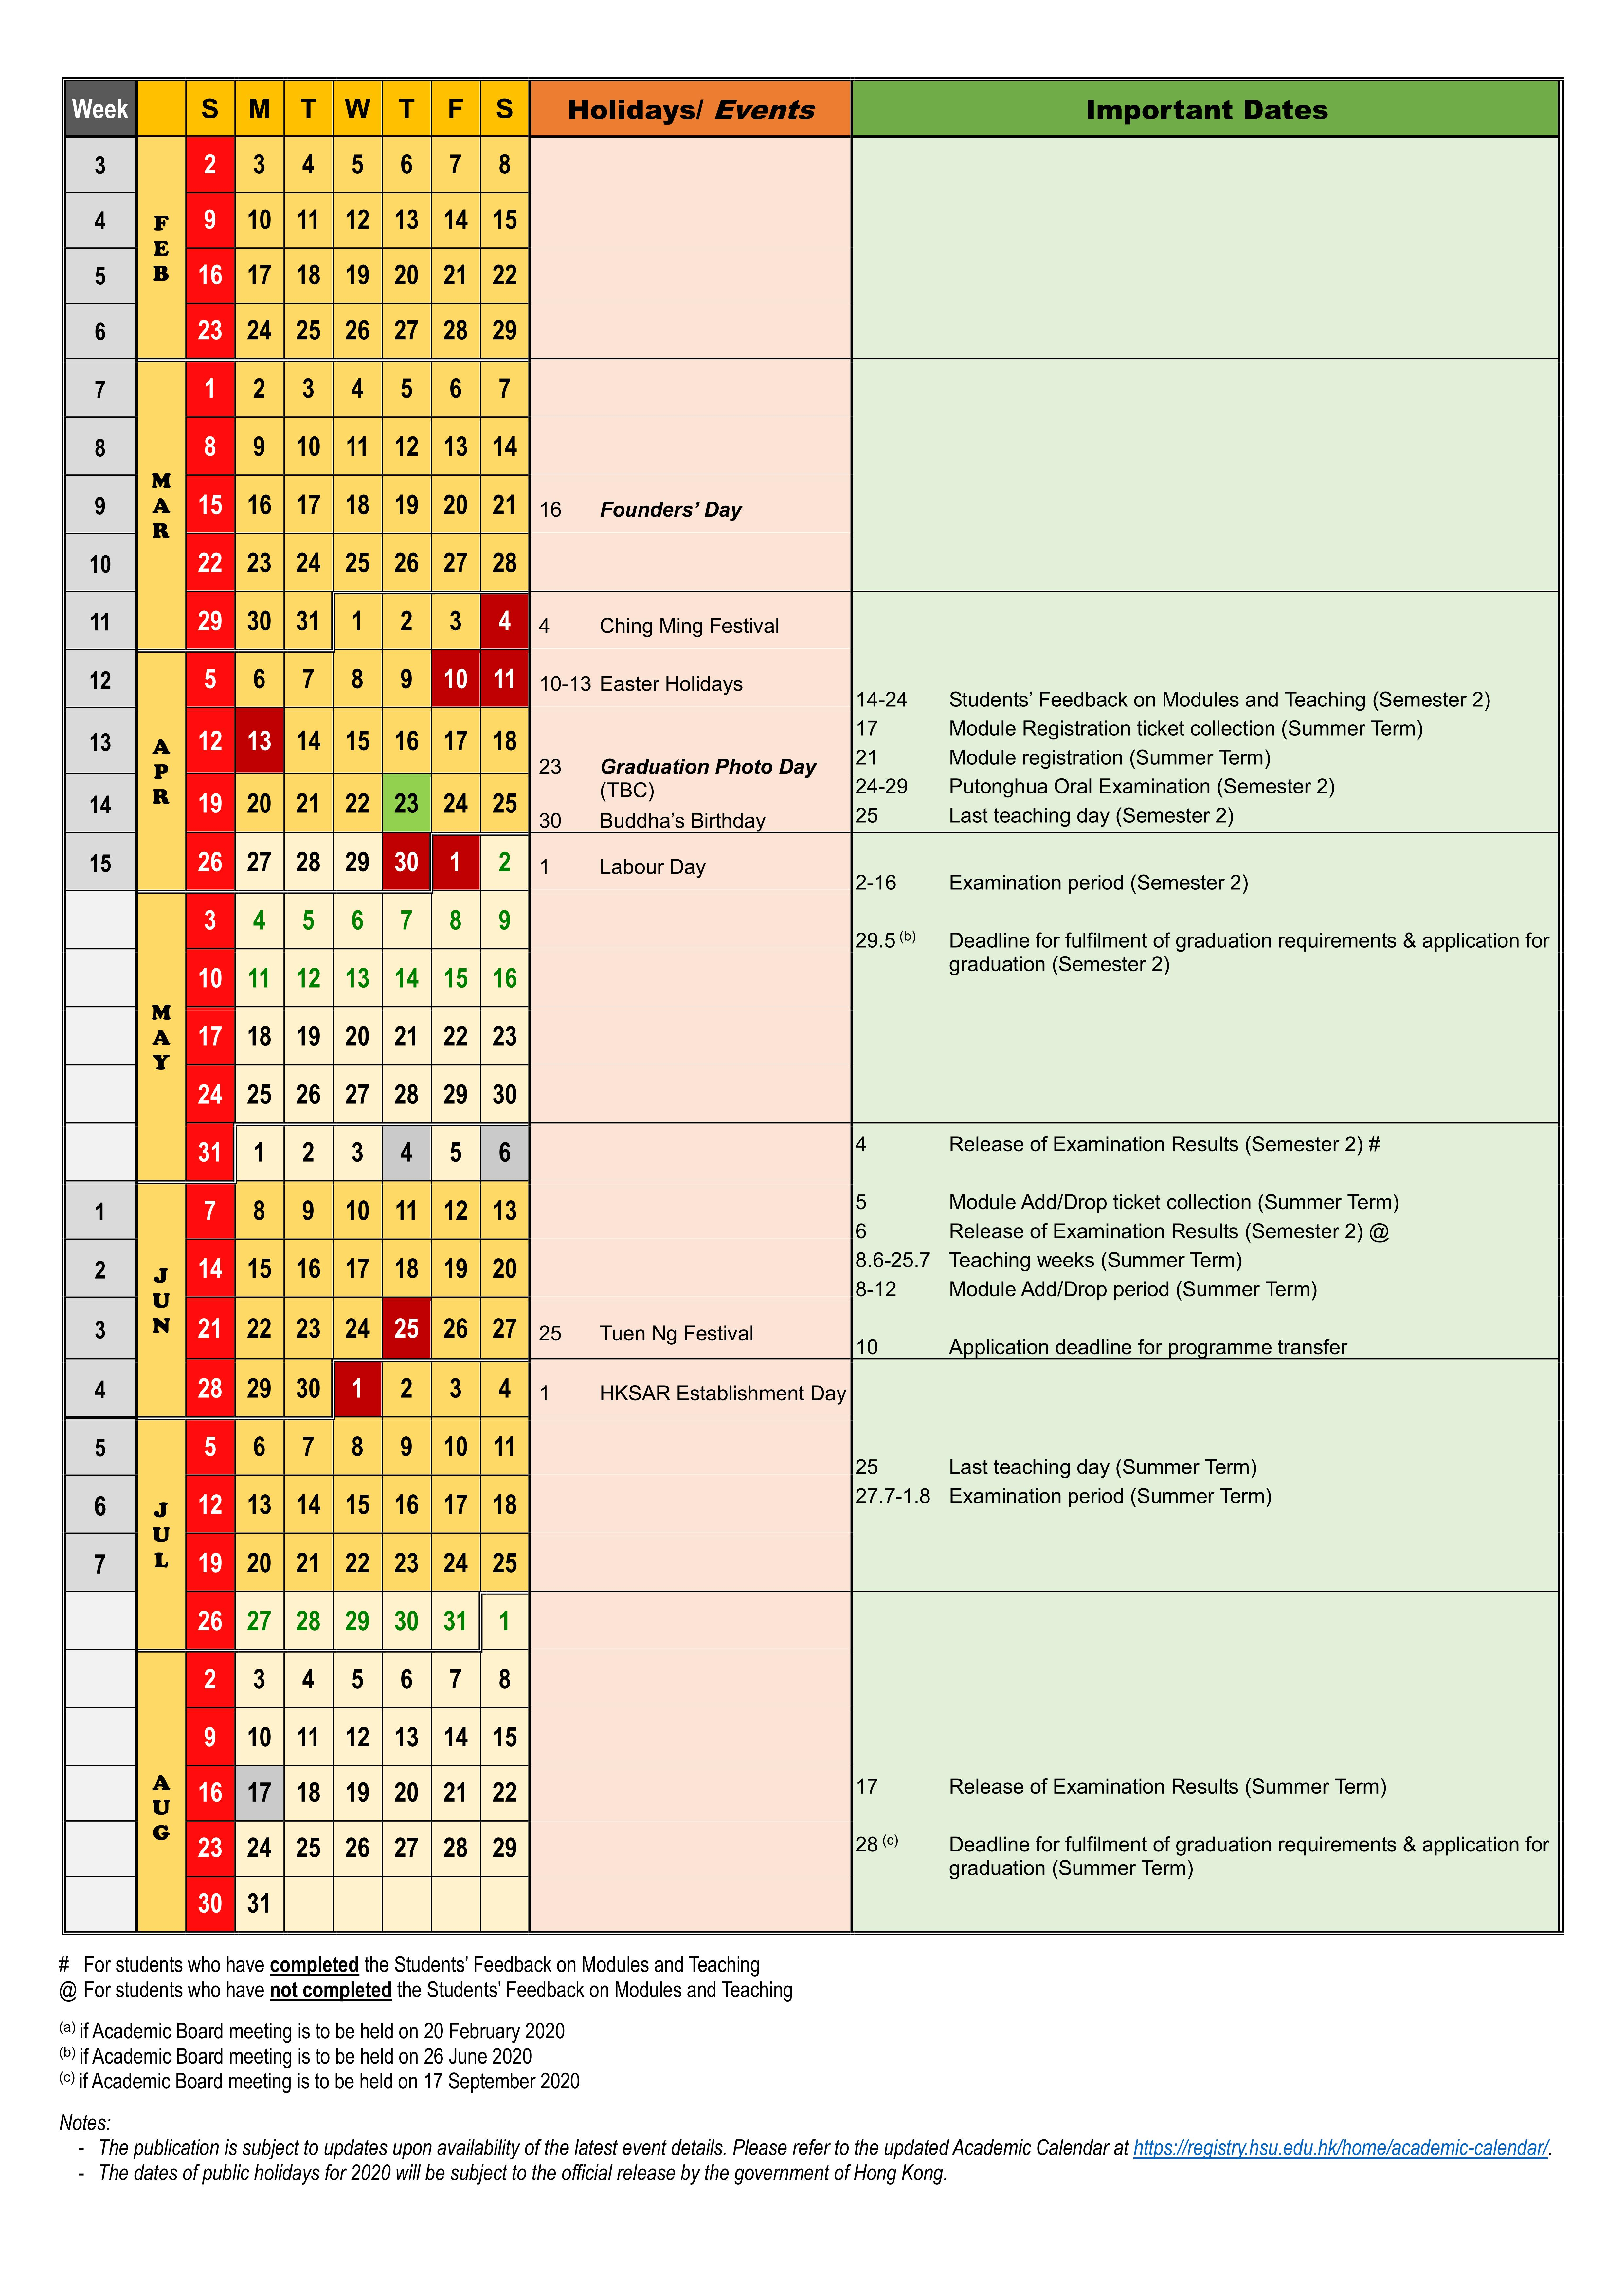 Academic Calendar 2019-20 (final)_20190329_02